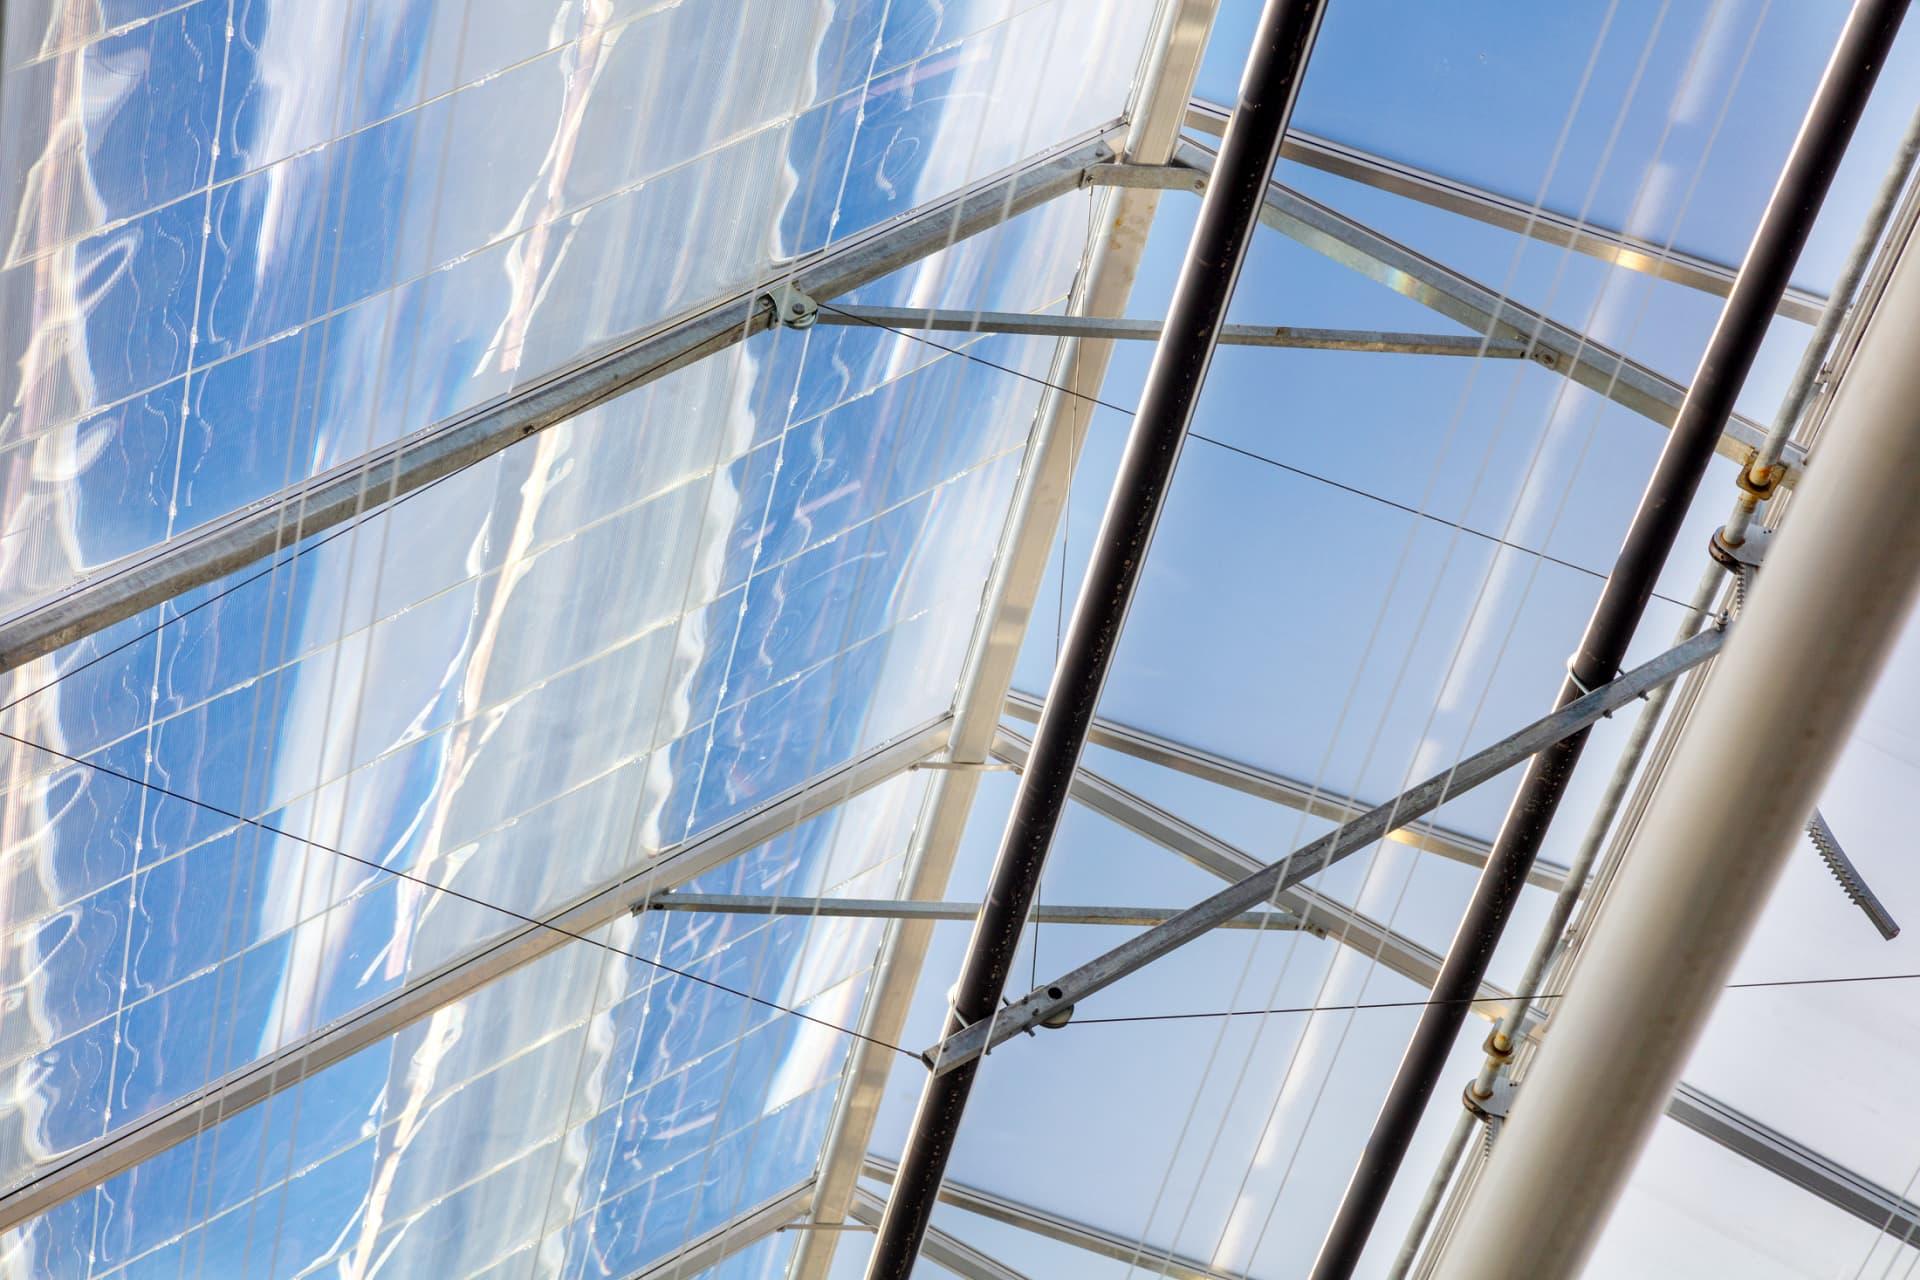 Daylight greenhouse